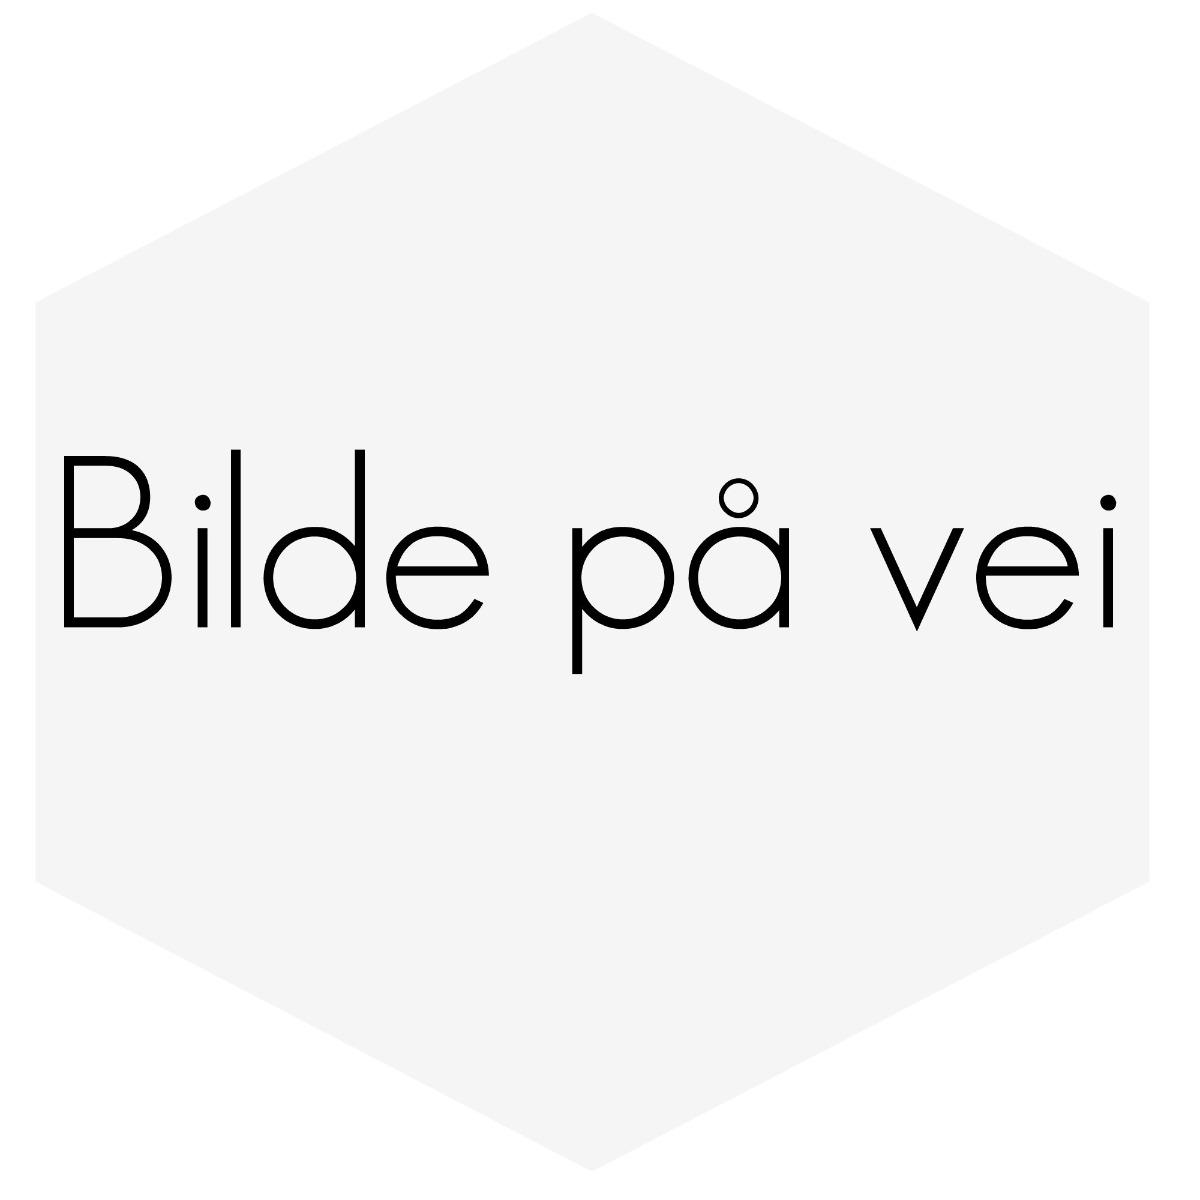 KLIPS/FESTE FOR DØRVINDU DIV Volvo se liste ORG NR.3509416